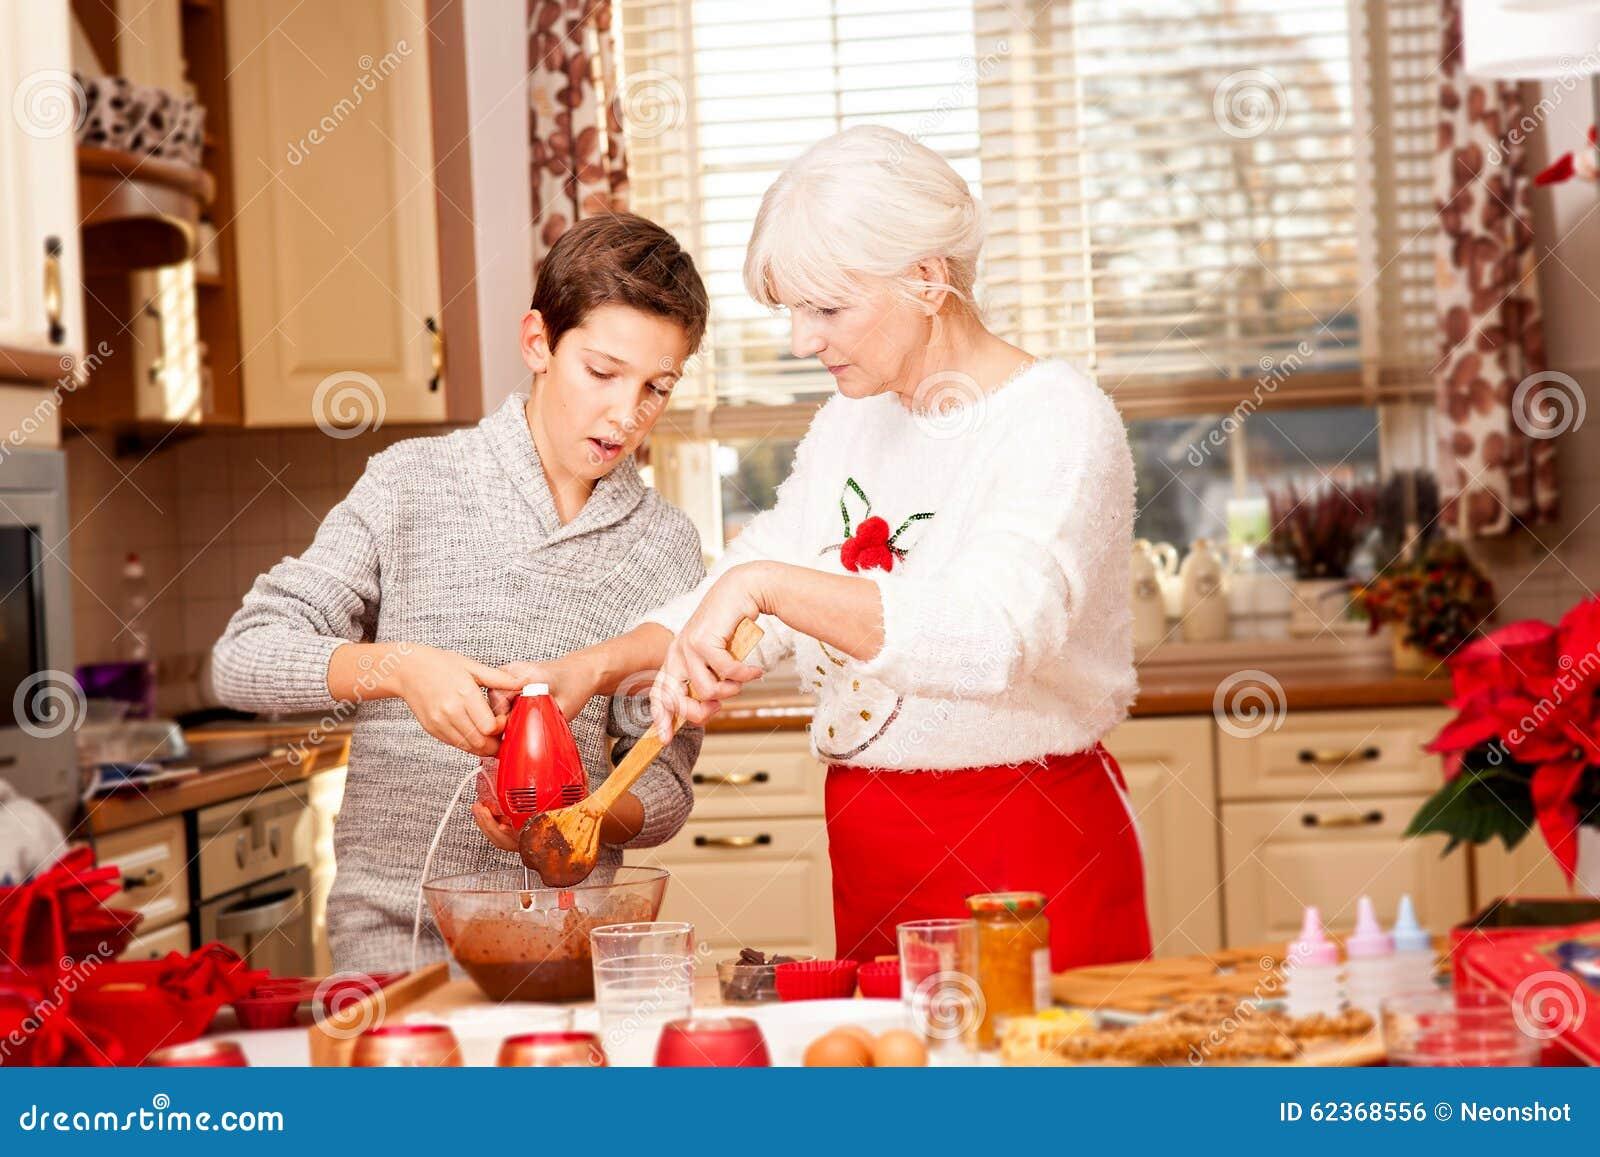 Abuela con el nieto en la cocina la navidad foto de for Cocina navidad con ninos